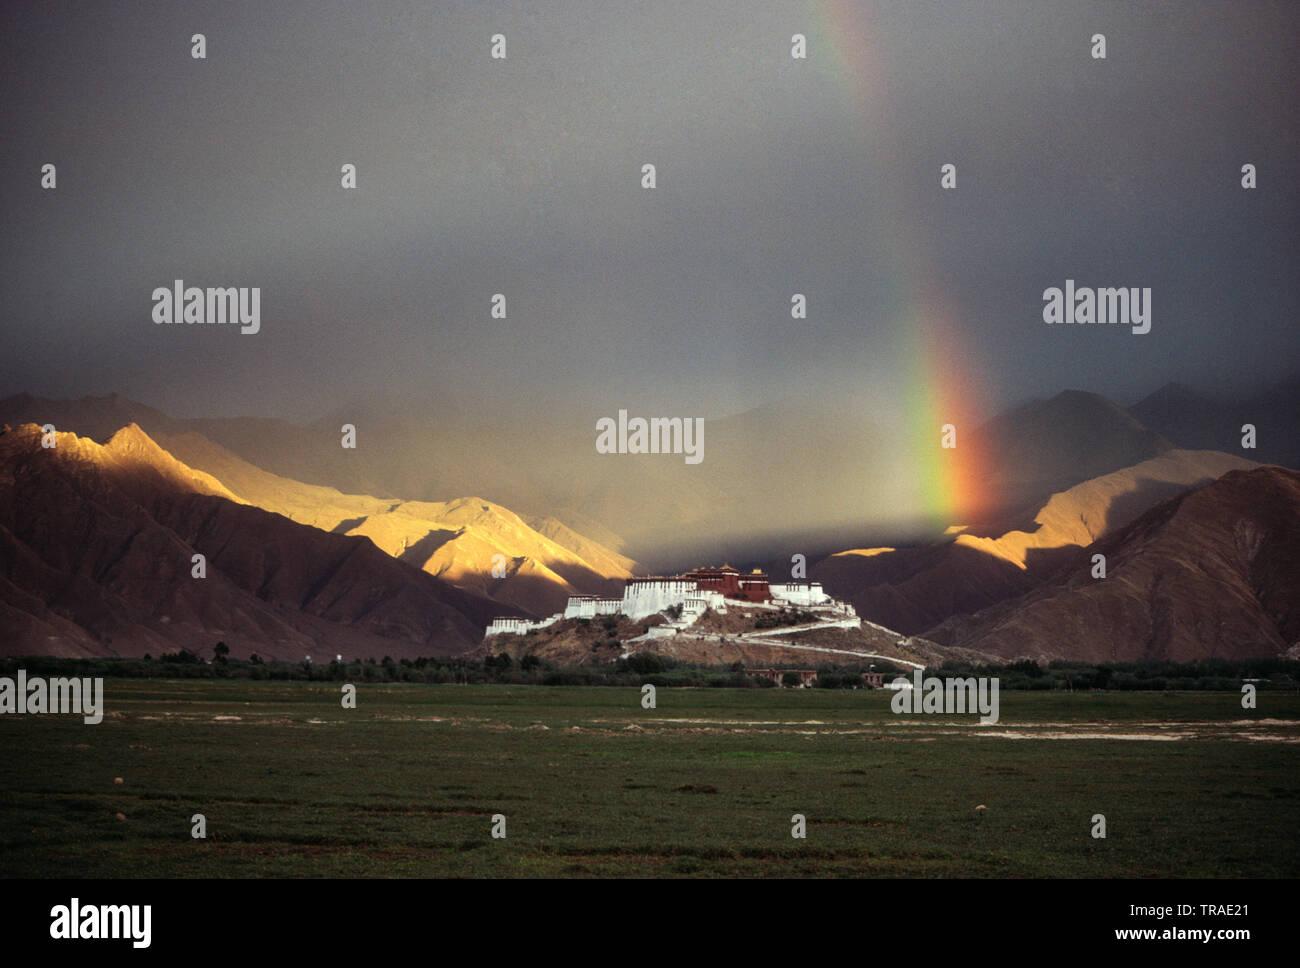 Cina. Il Tibet. Lhasa. Palazzo del Potala e rainbow su montagne. Immagini Stock